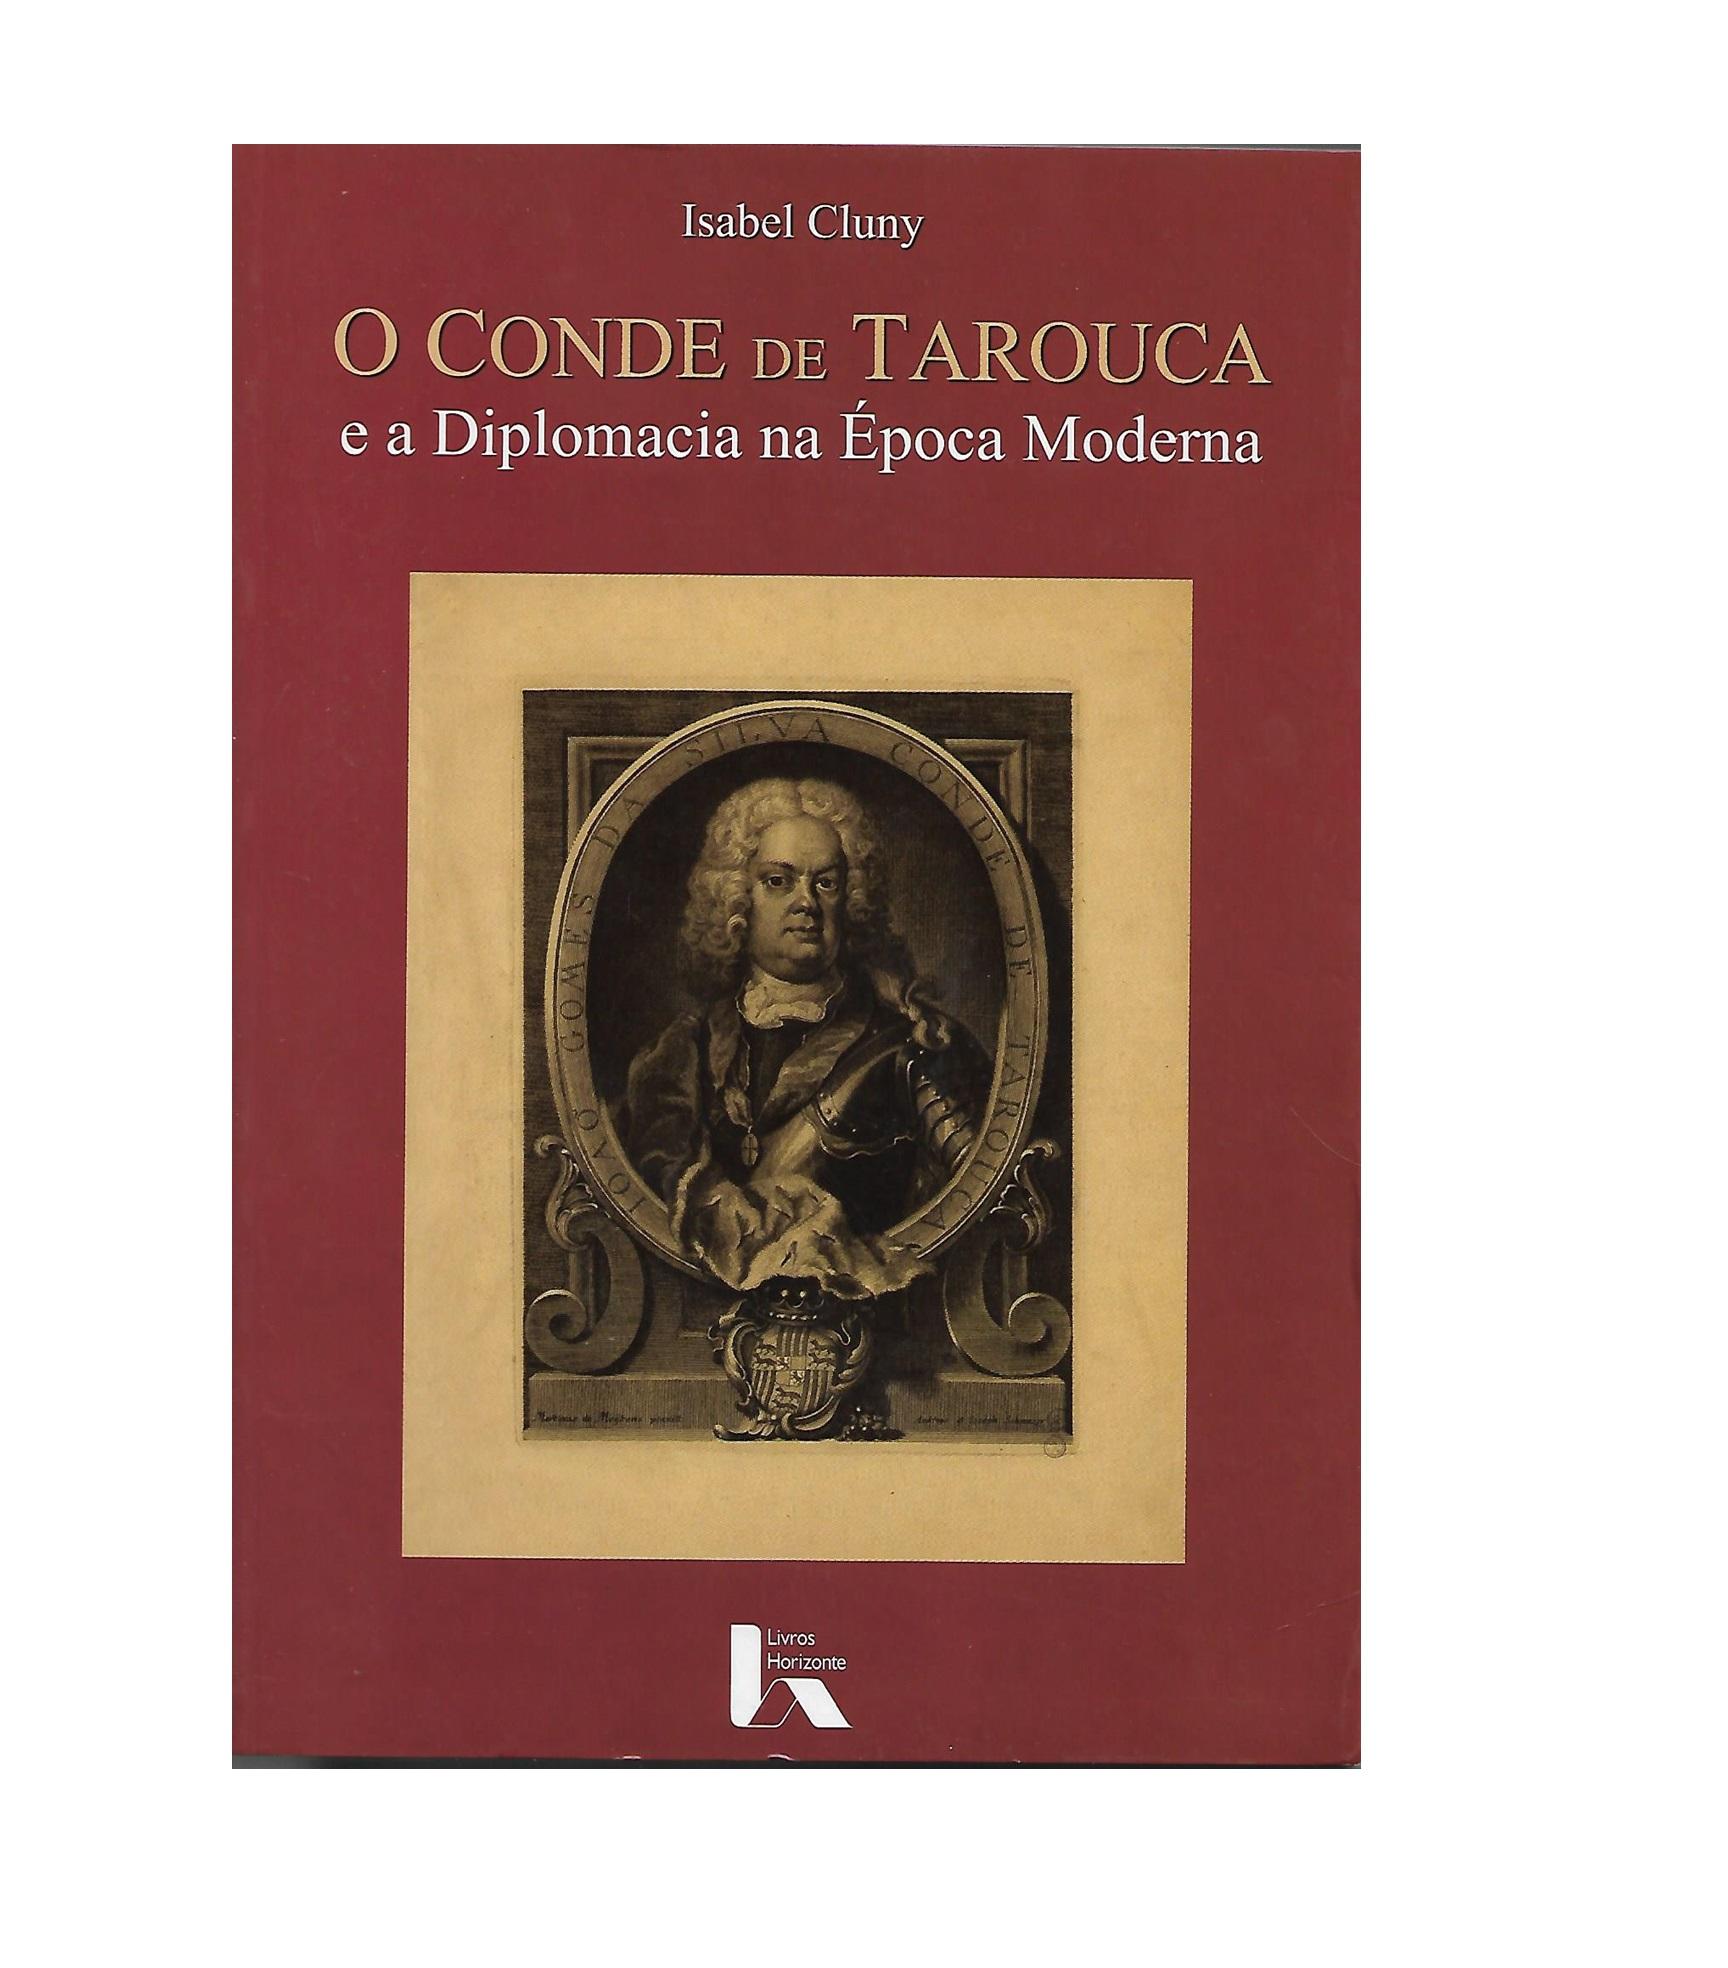 O Conde de Tarouca e a Diplomacia na Época Moderna